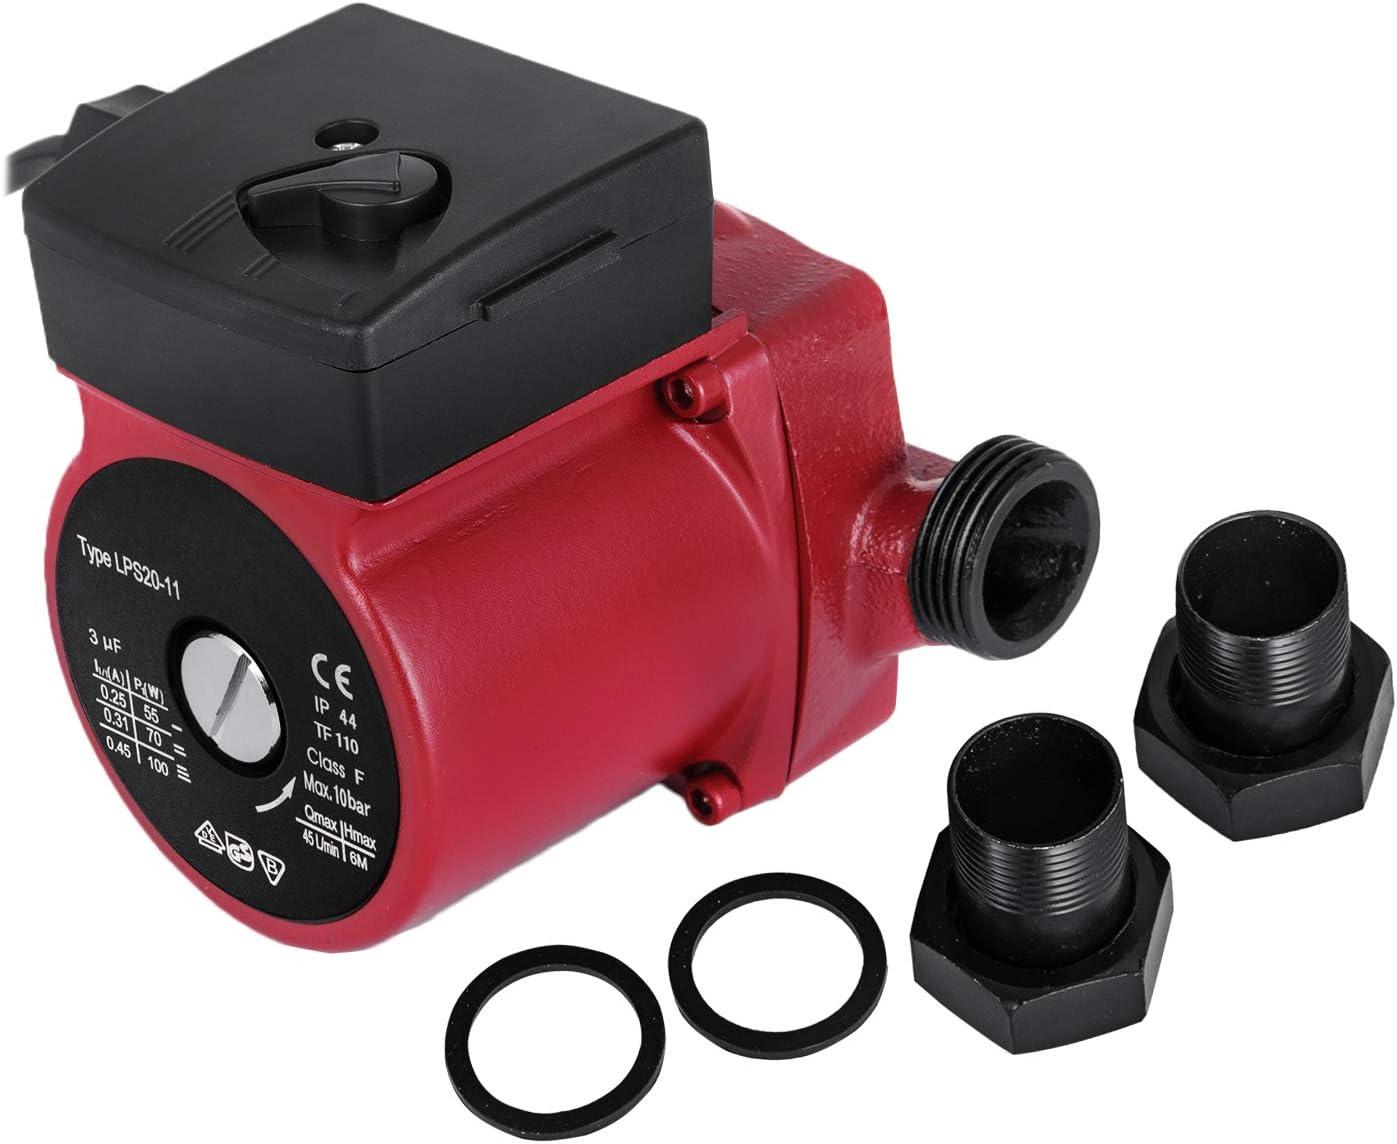 Husuper Bomba de Agua de 220V / 50Hz Bomba Elevadora de Presión de Agua Bomba Sumergible para Pozo de Piscina de Fuente de Acuario de Jardín(LPS20-11-40/60 / 75w)